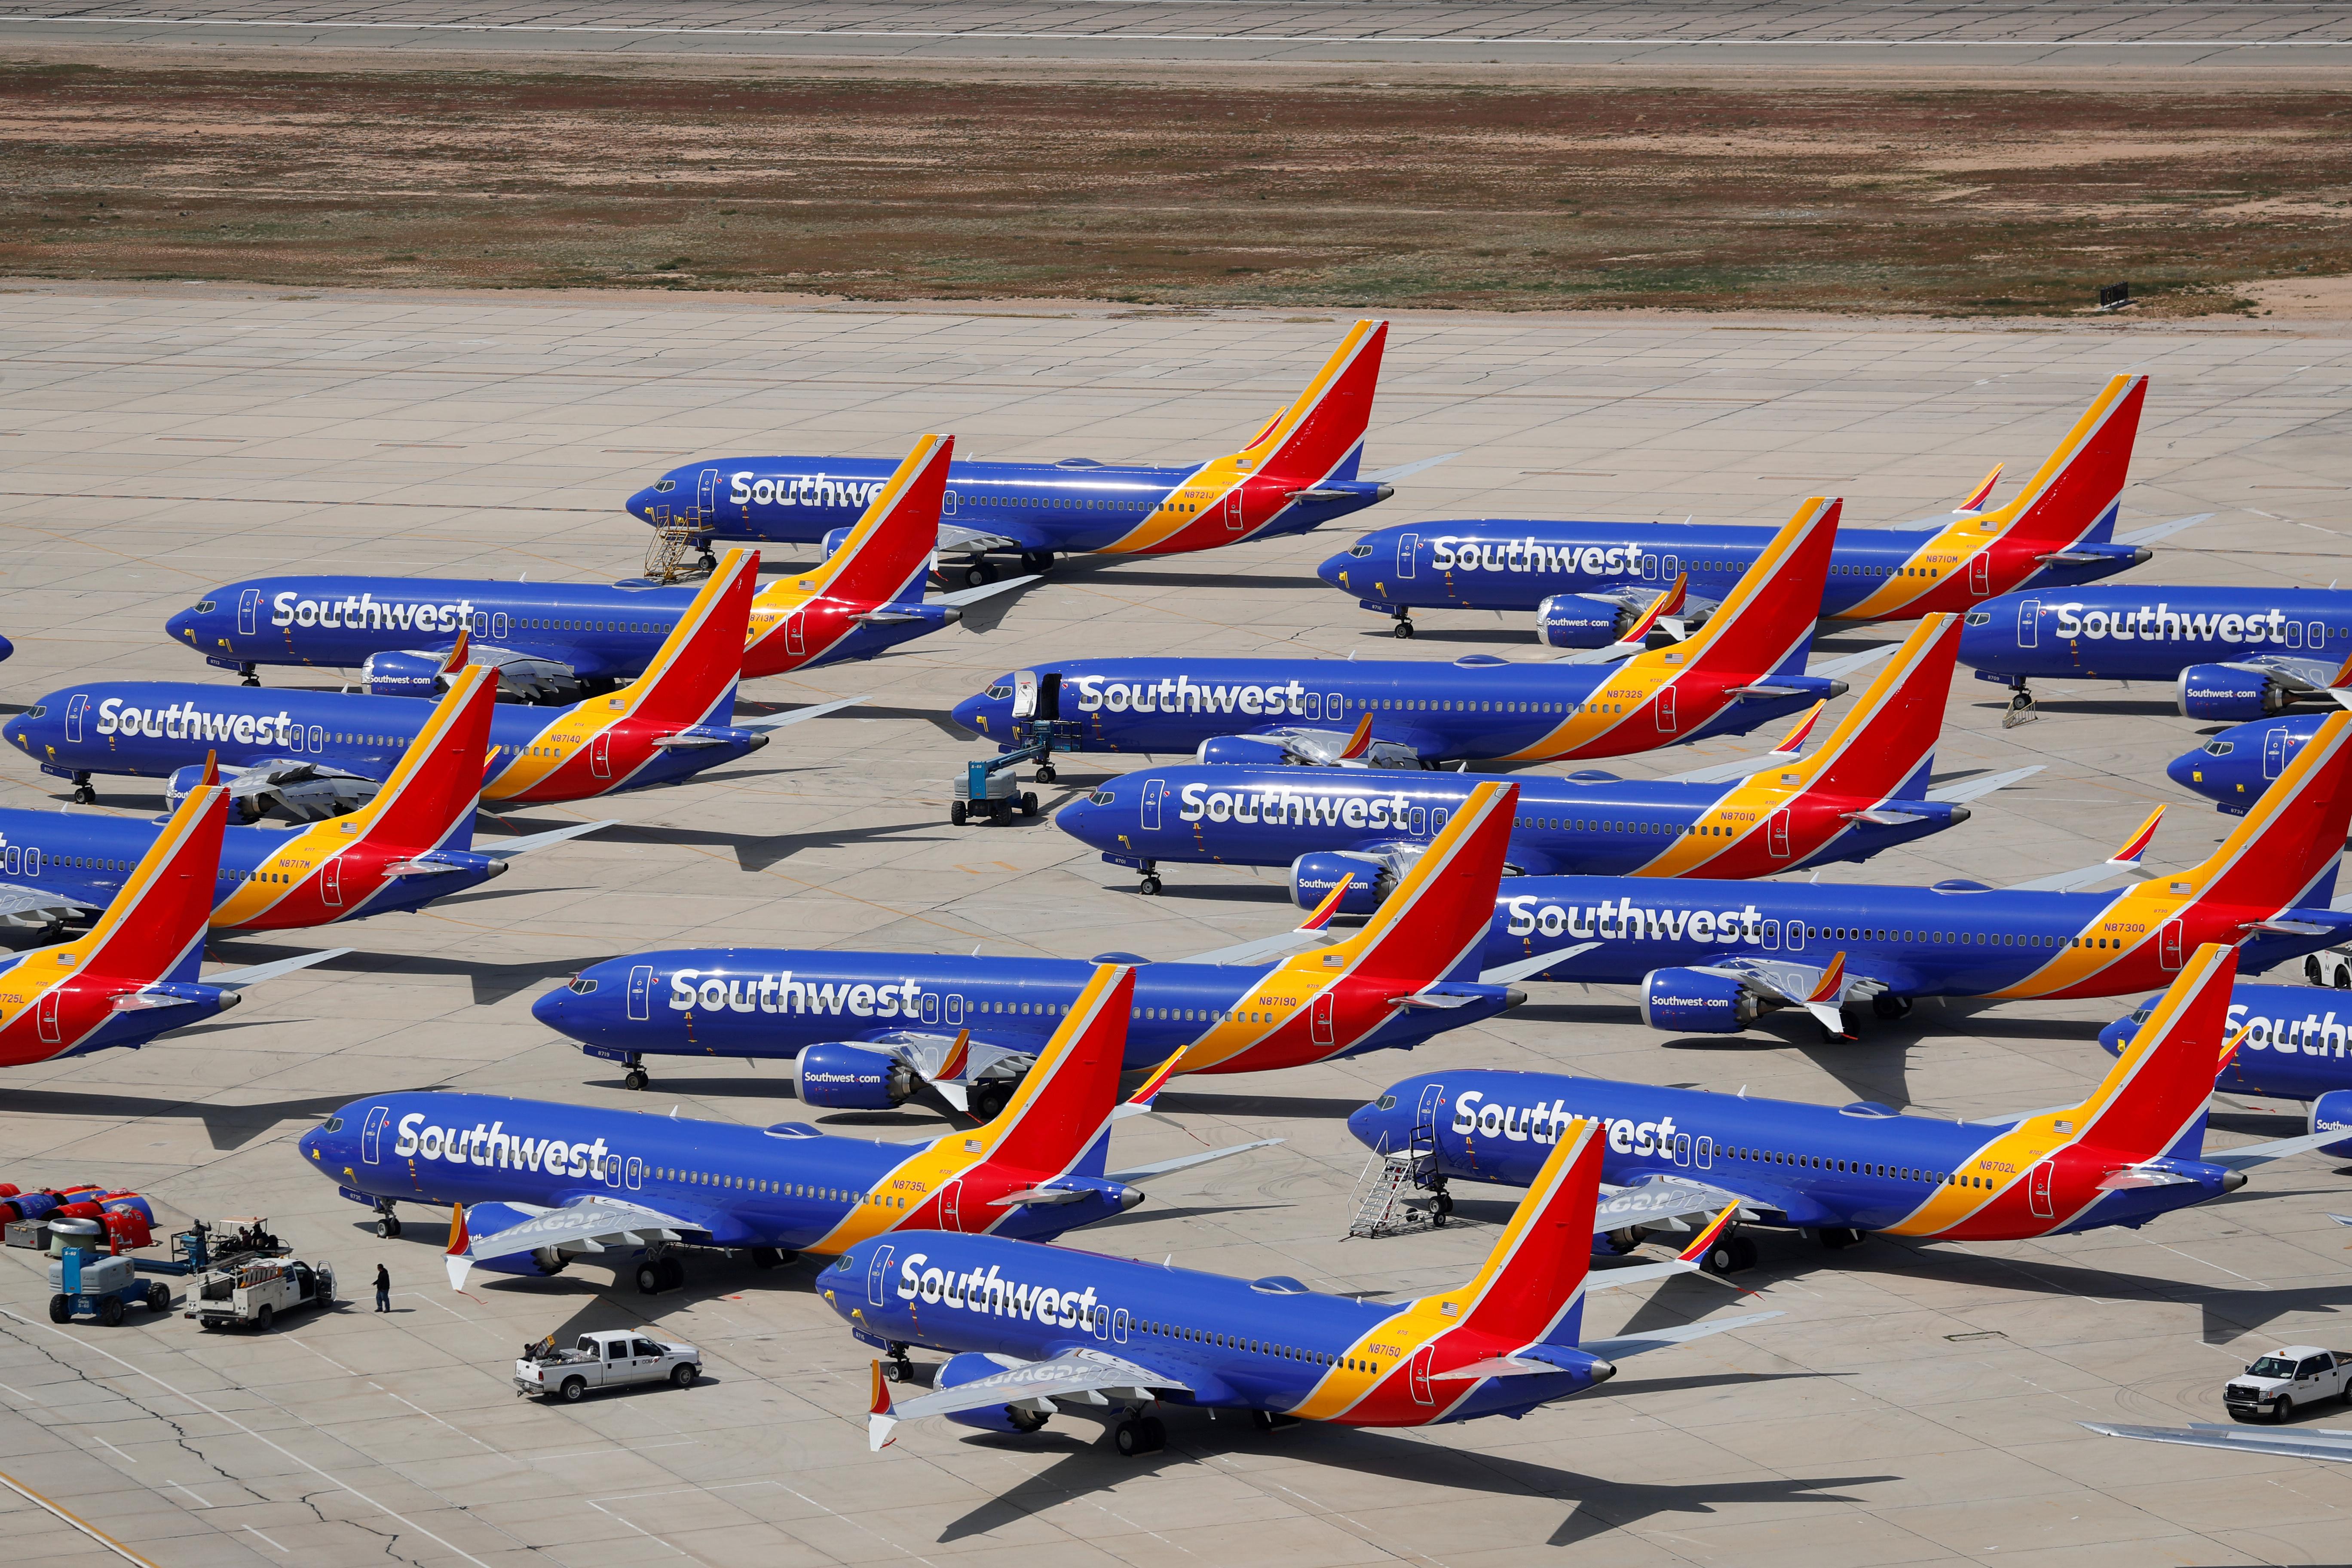 """Boeing : des essais en vol prévus dans """"quelques semaines"""" pour certifier le 737 MAX"""